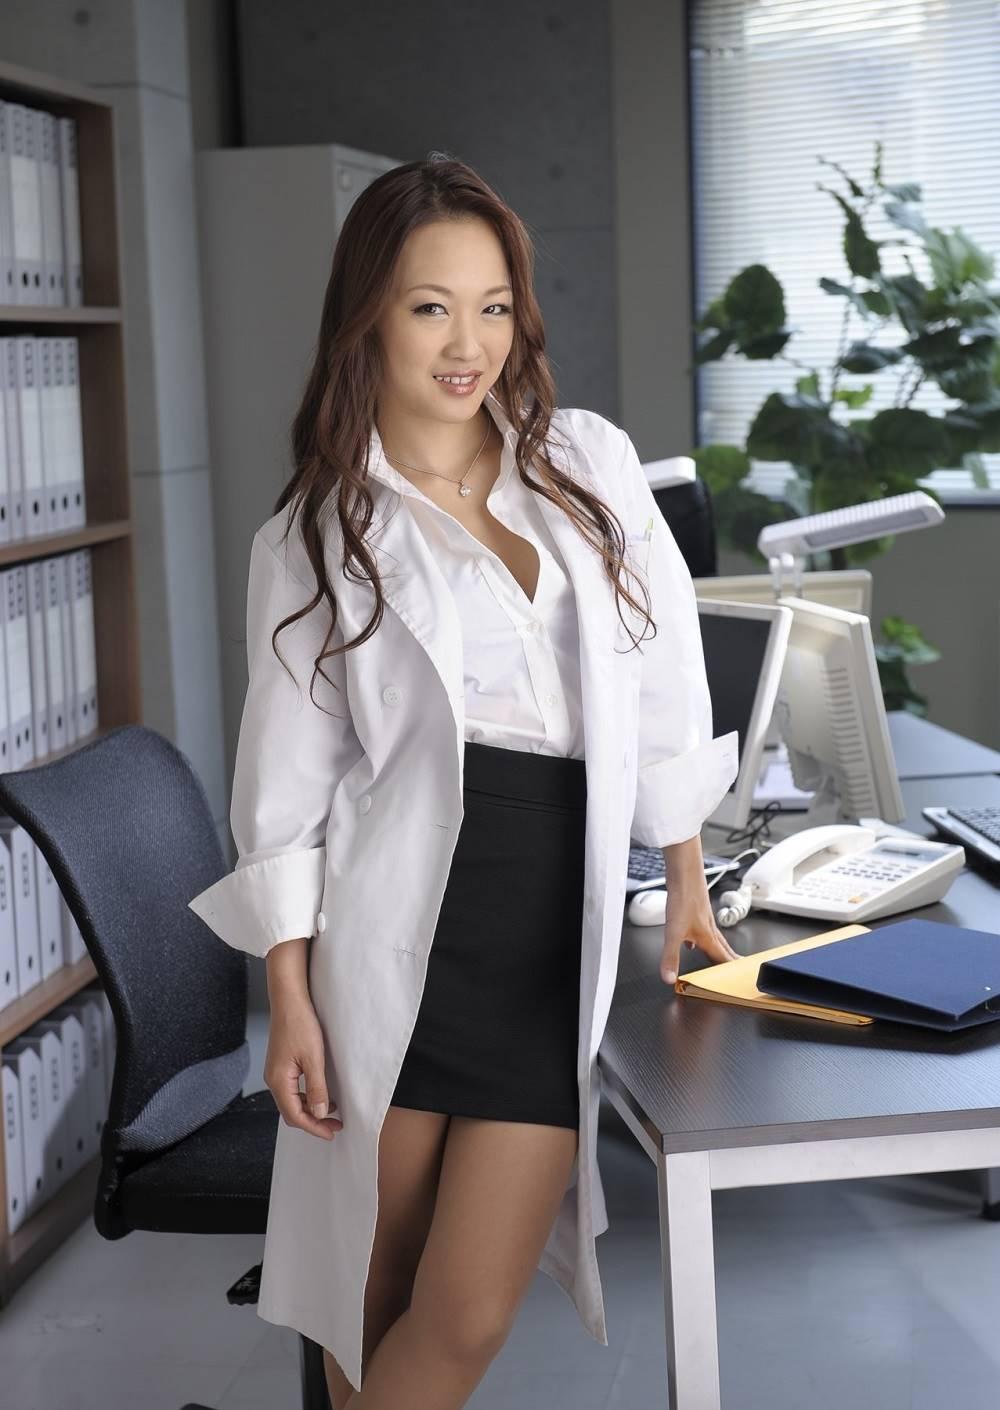 白衣がエッチな女医エロ画像 21